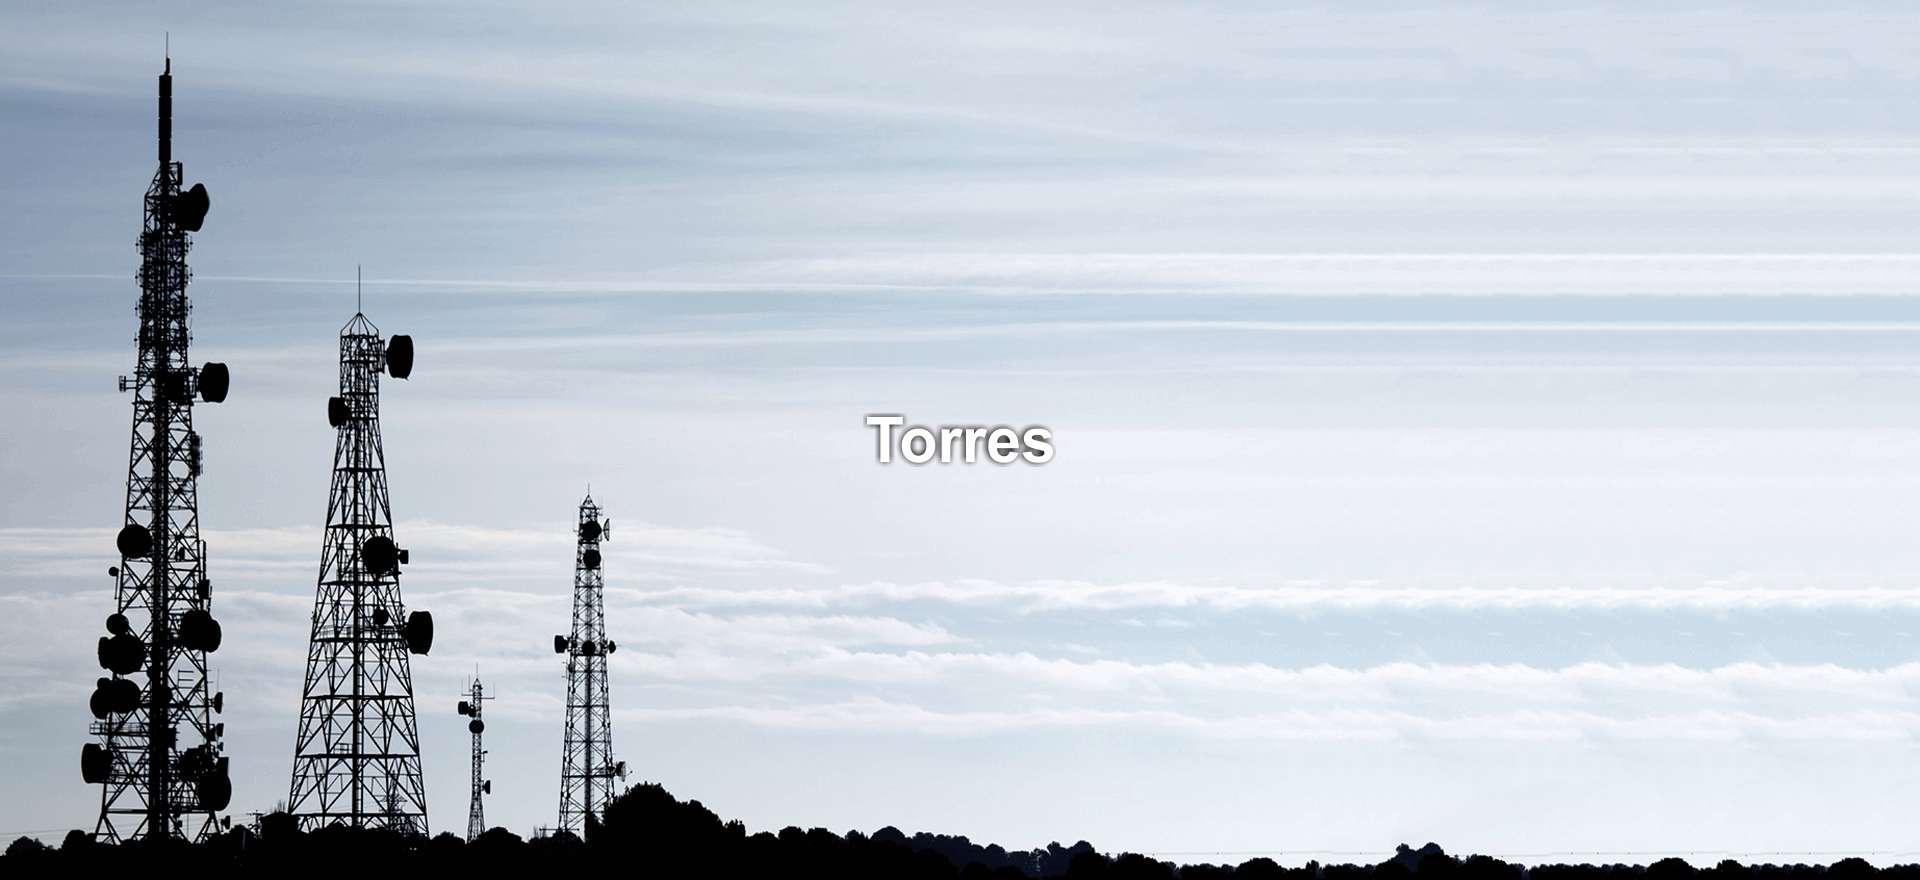 Venta e Instalación de Torres en Ixtapa Zihuatanejo, Guerrero y Lázaro Cárdenas, Michoacán